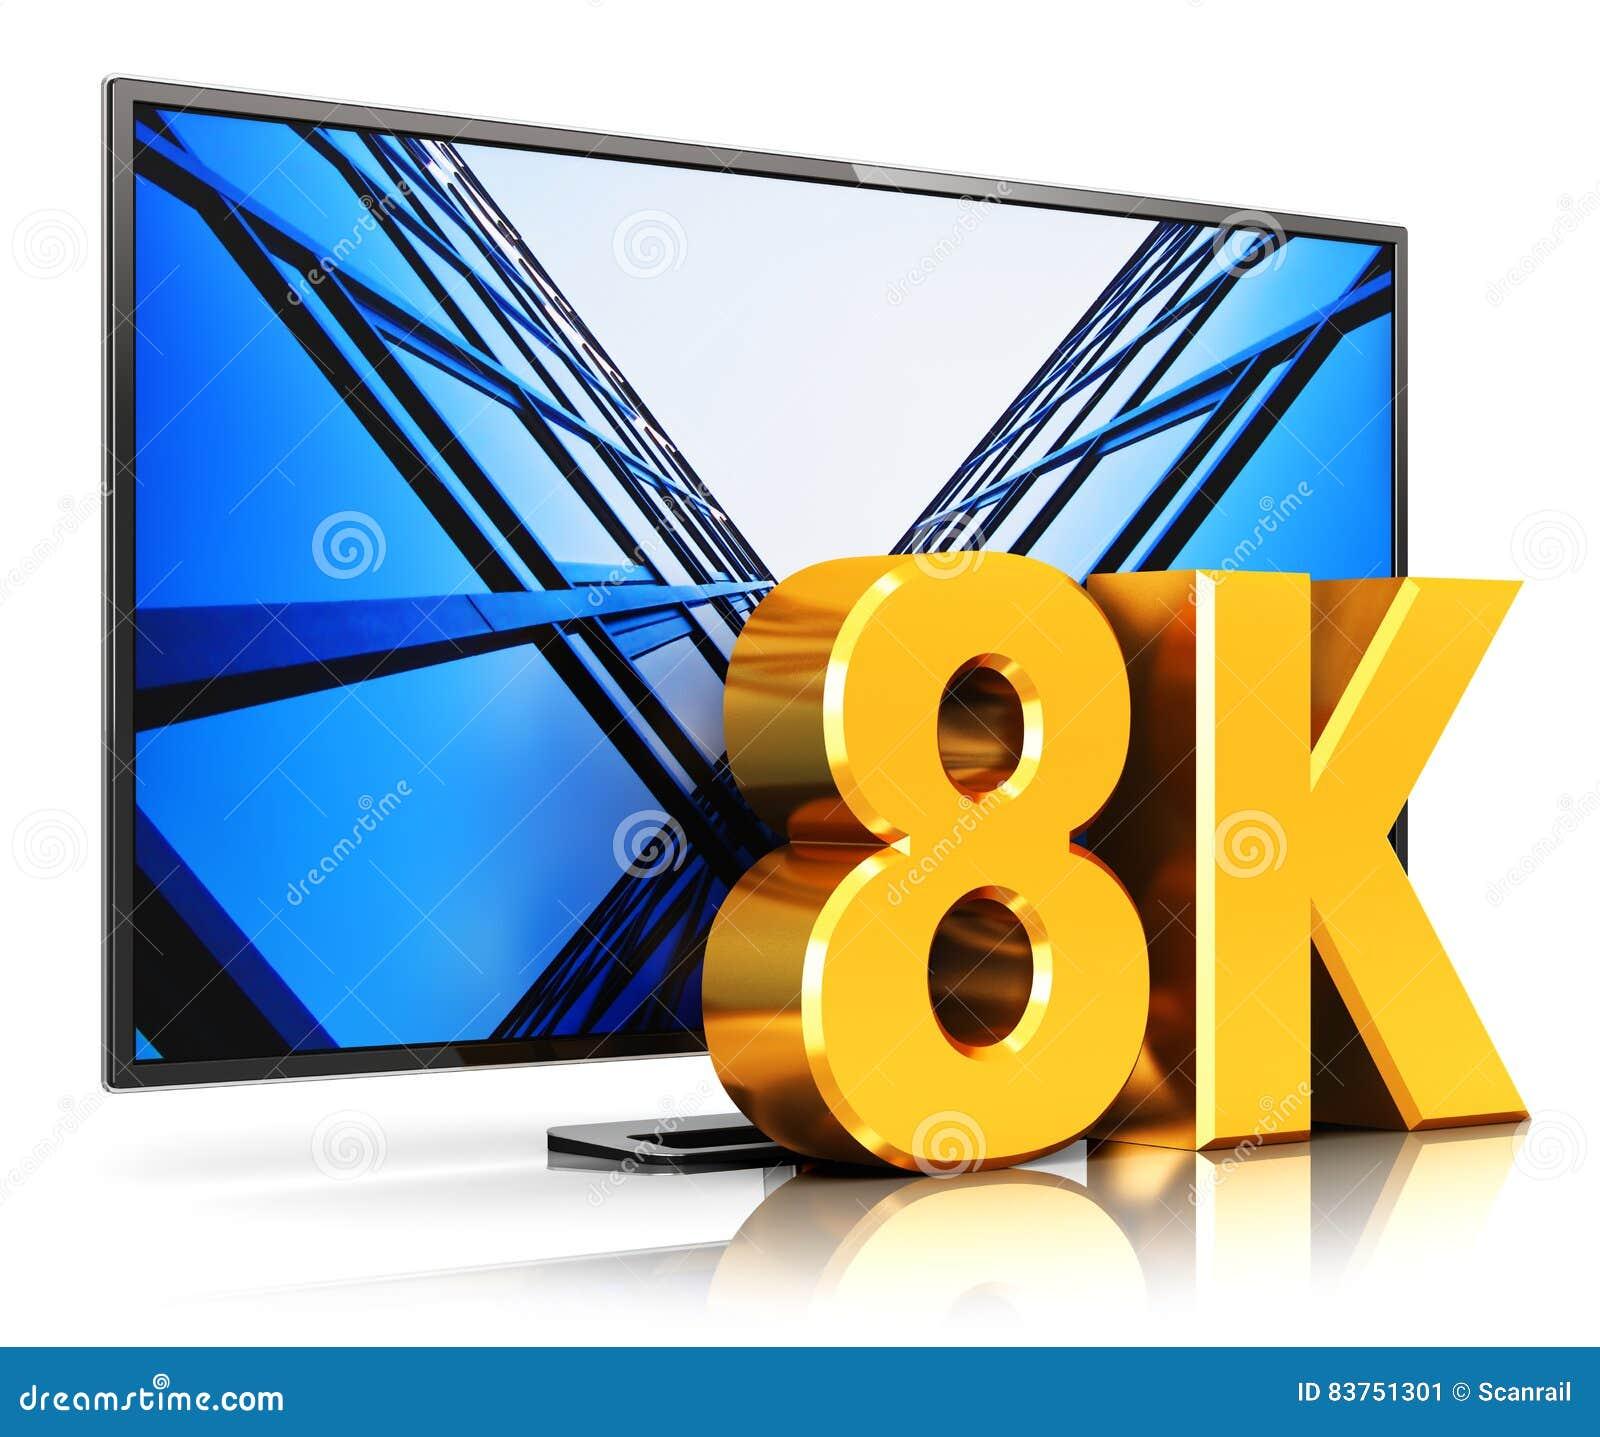 8k Ultrahd Tv Stock Illustration Illustration Of Media 83751301